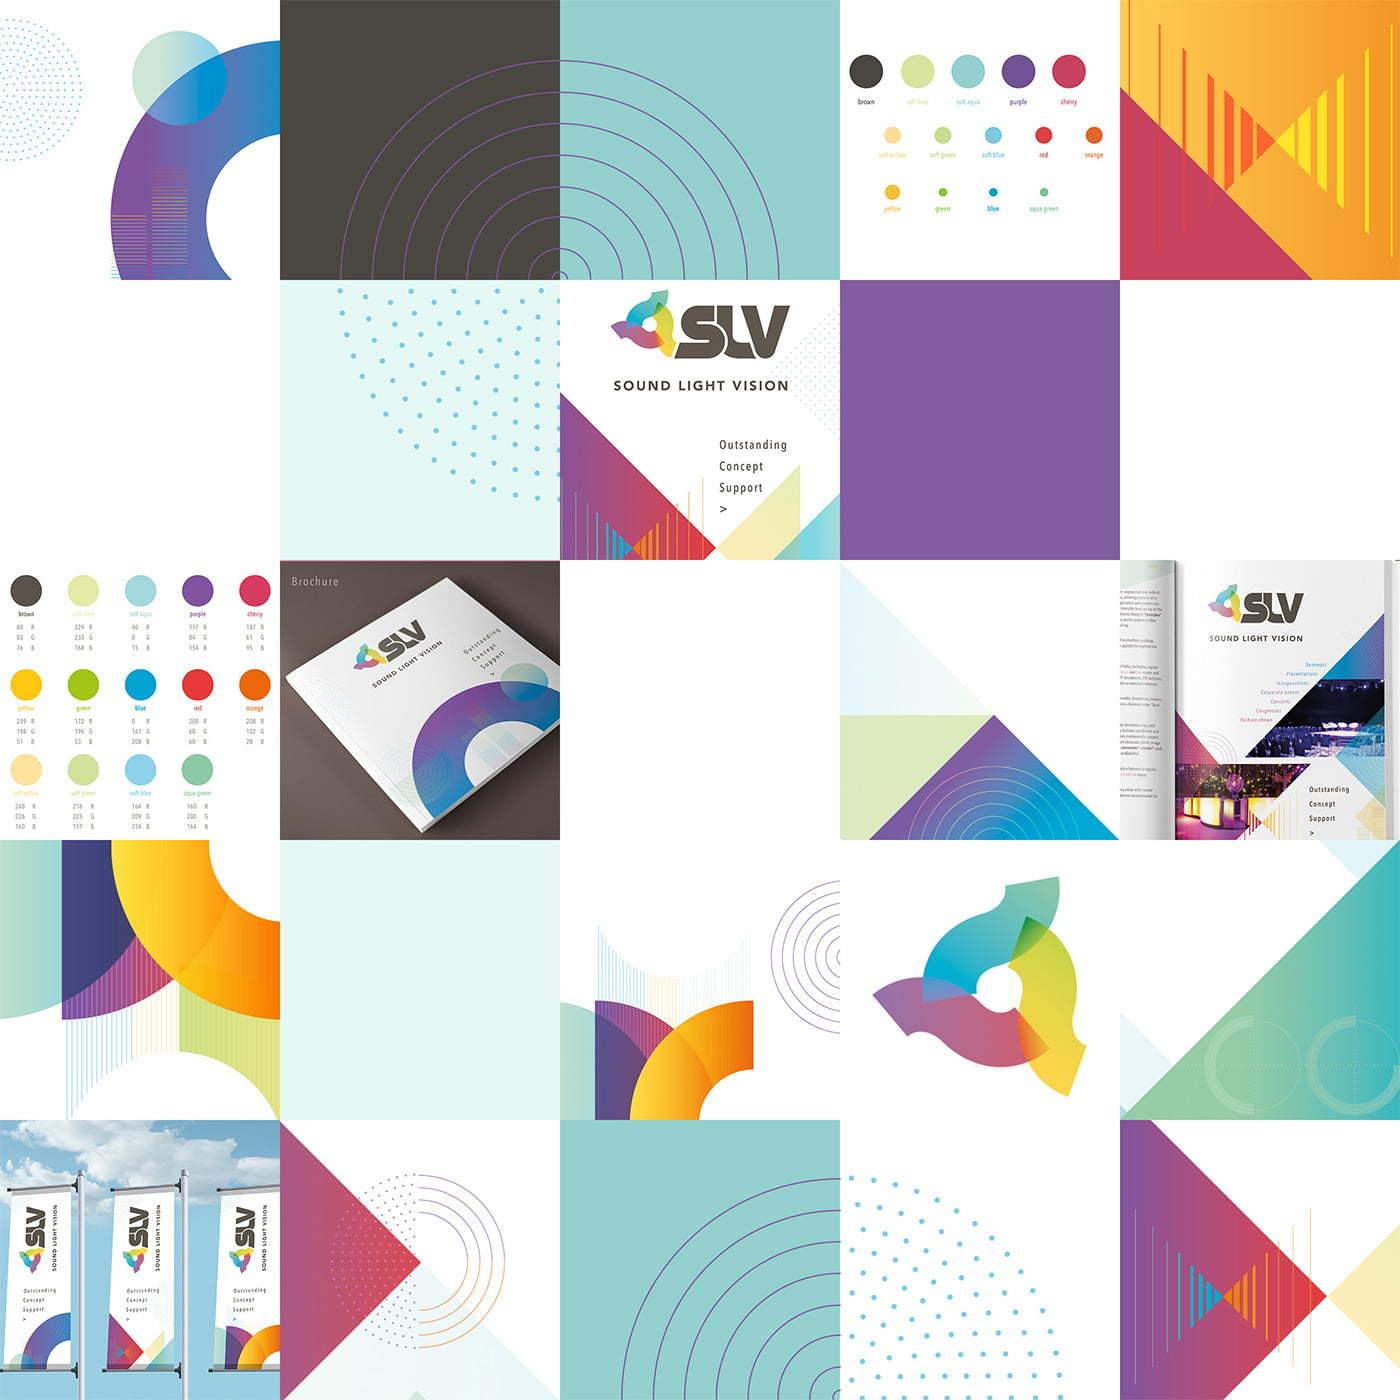 SLV Rent brand & website design